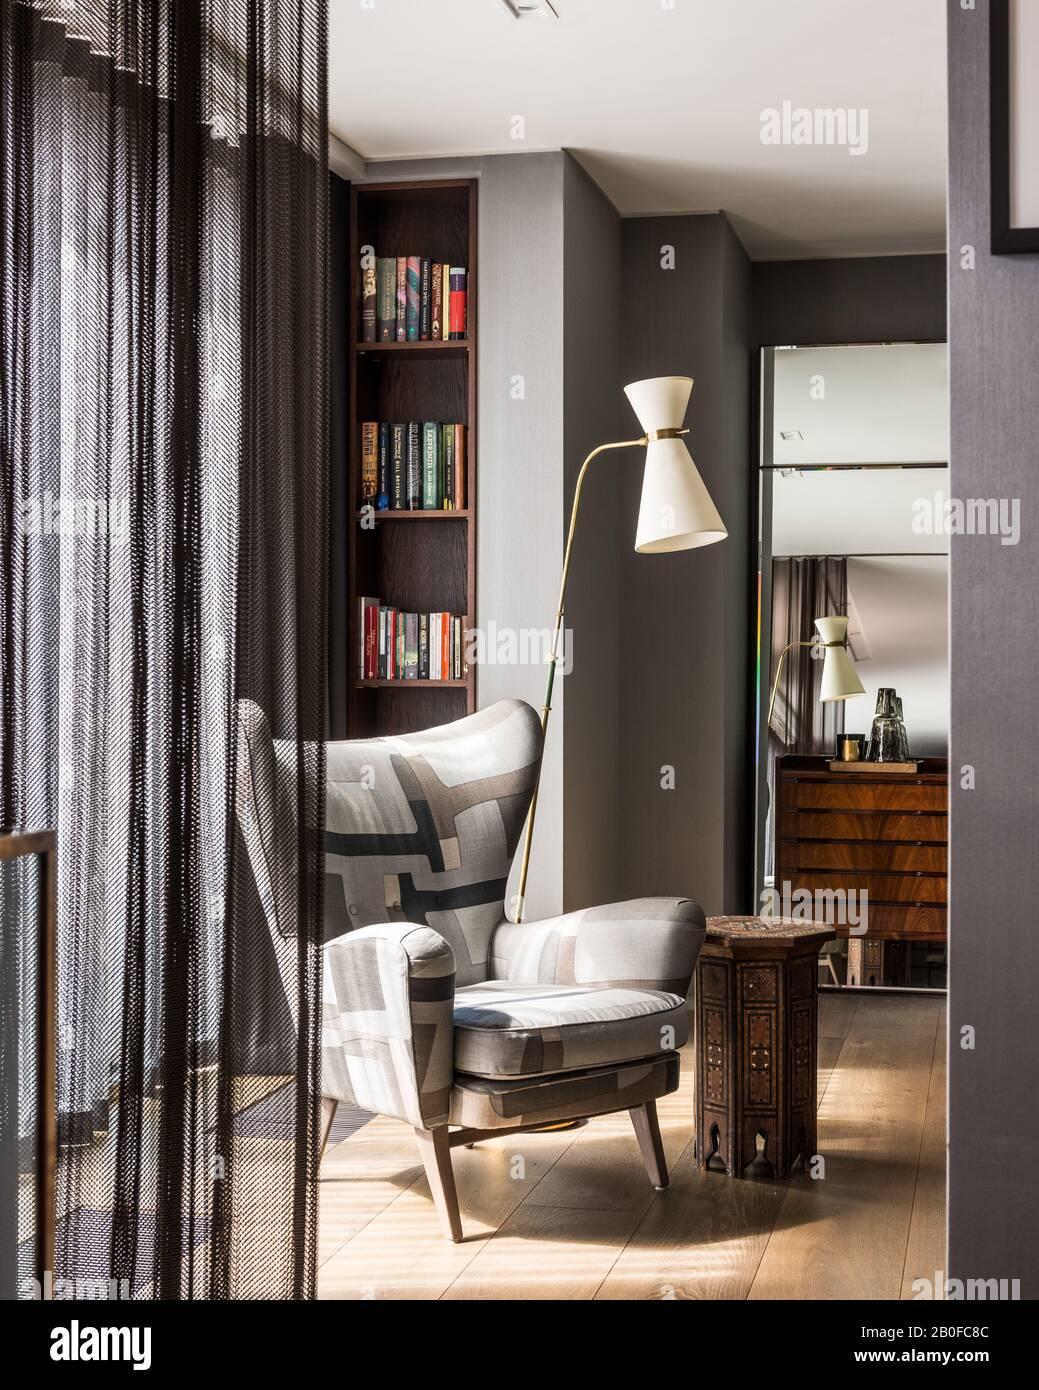 Diablo Modernist Bodenleuchte und gepolsterter Stuhl im Schlafzimmer der West London Wohnung Stockfoto